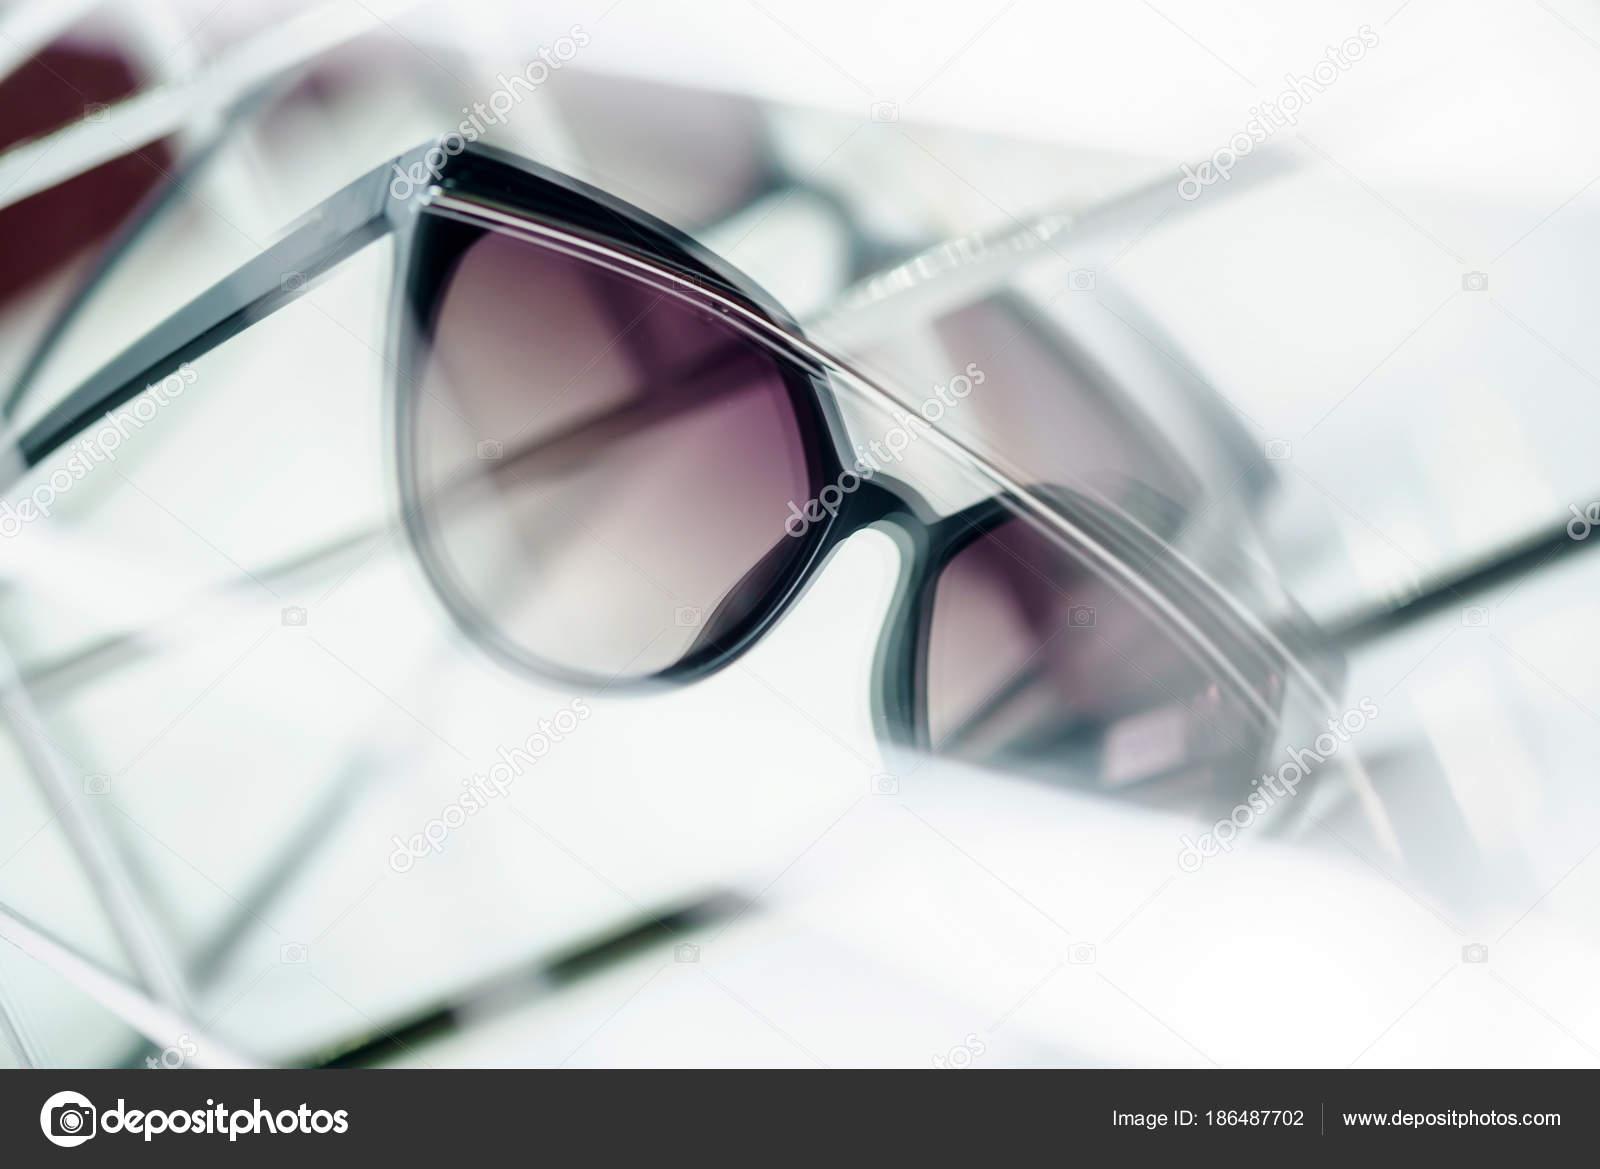 63e8f4e45 Óculos Sol Loja Para Venda Close — Stock Photo © Shebeko #186487702